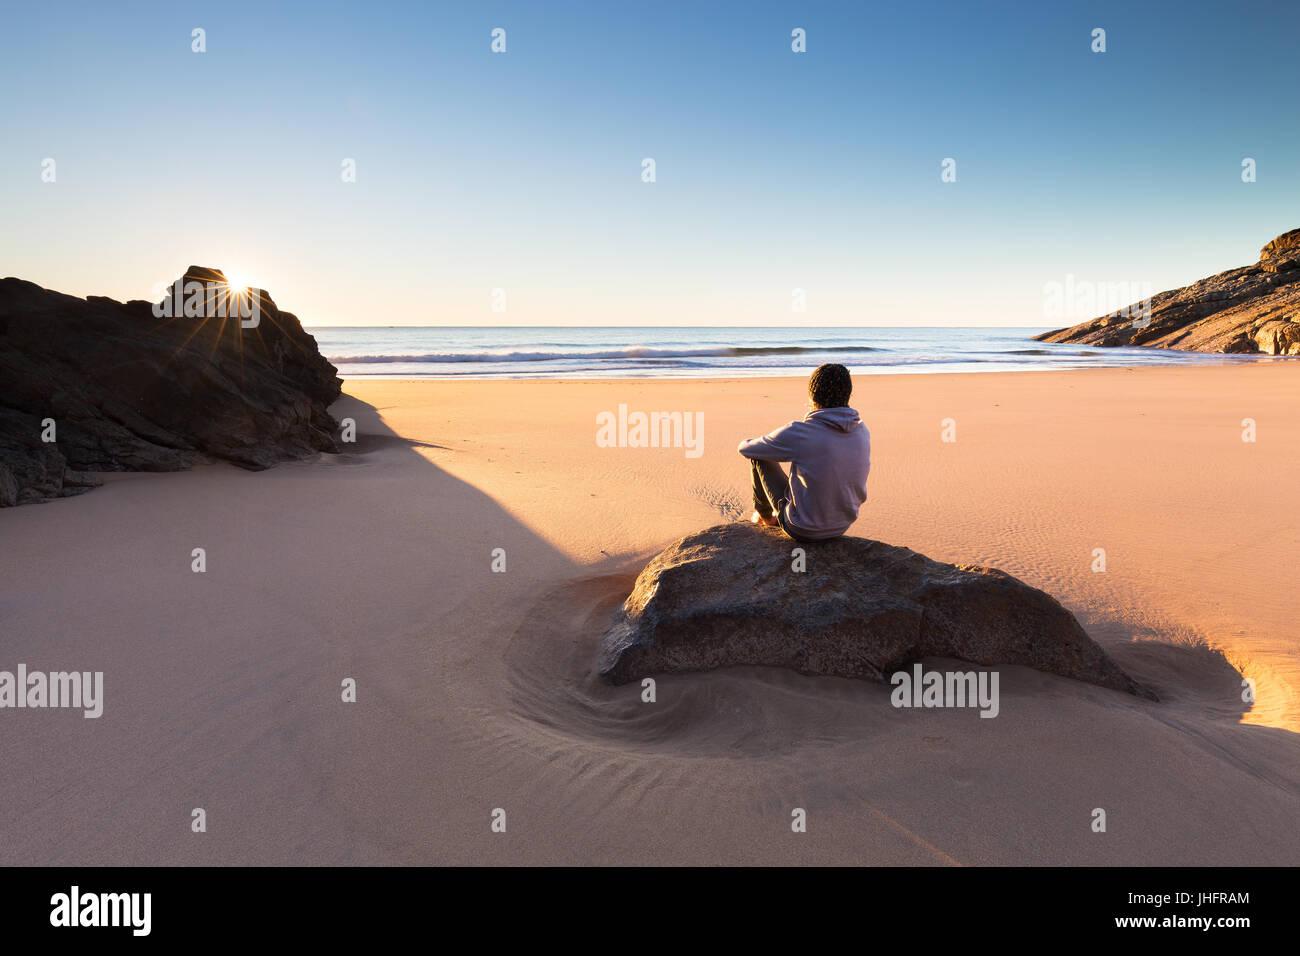 La persona se sienta en una hermosa playa remota en Australia y relojes un crujiente amanecer sobre el océano. Imagen De Stock